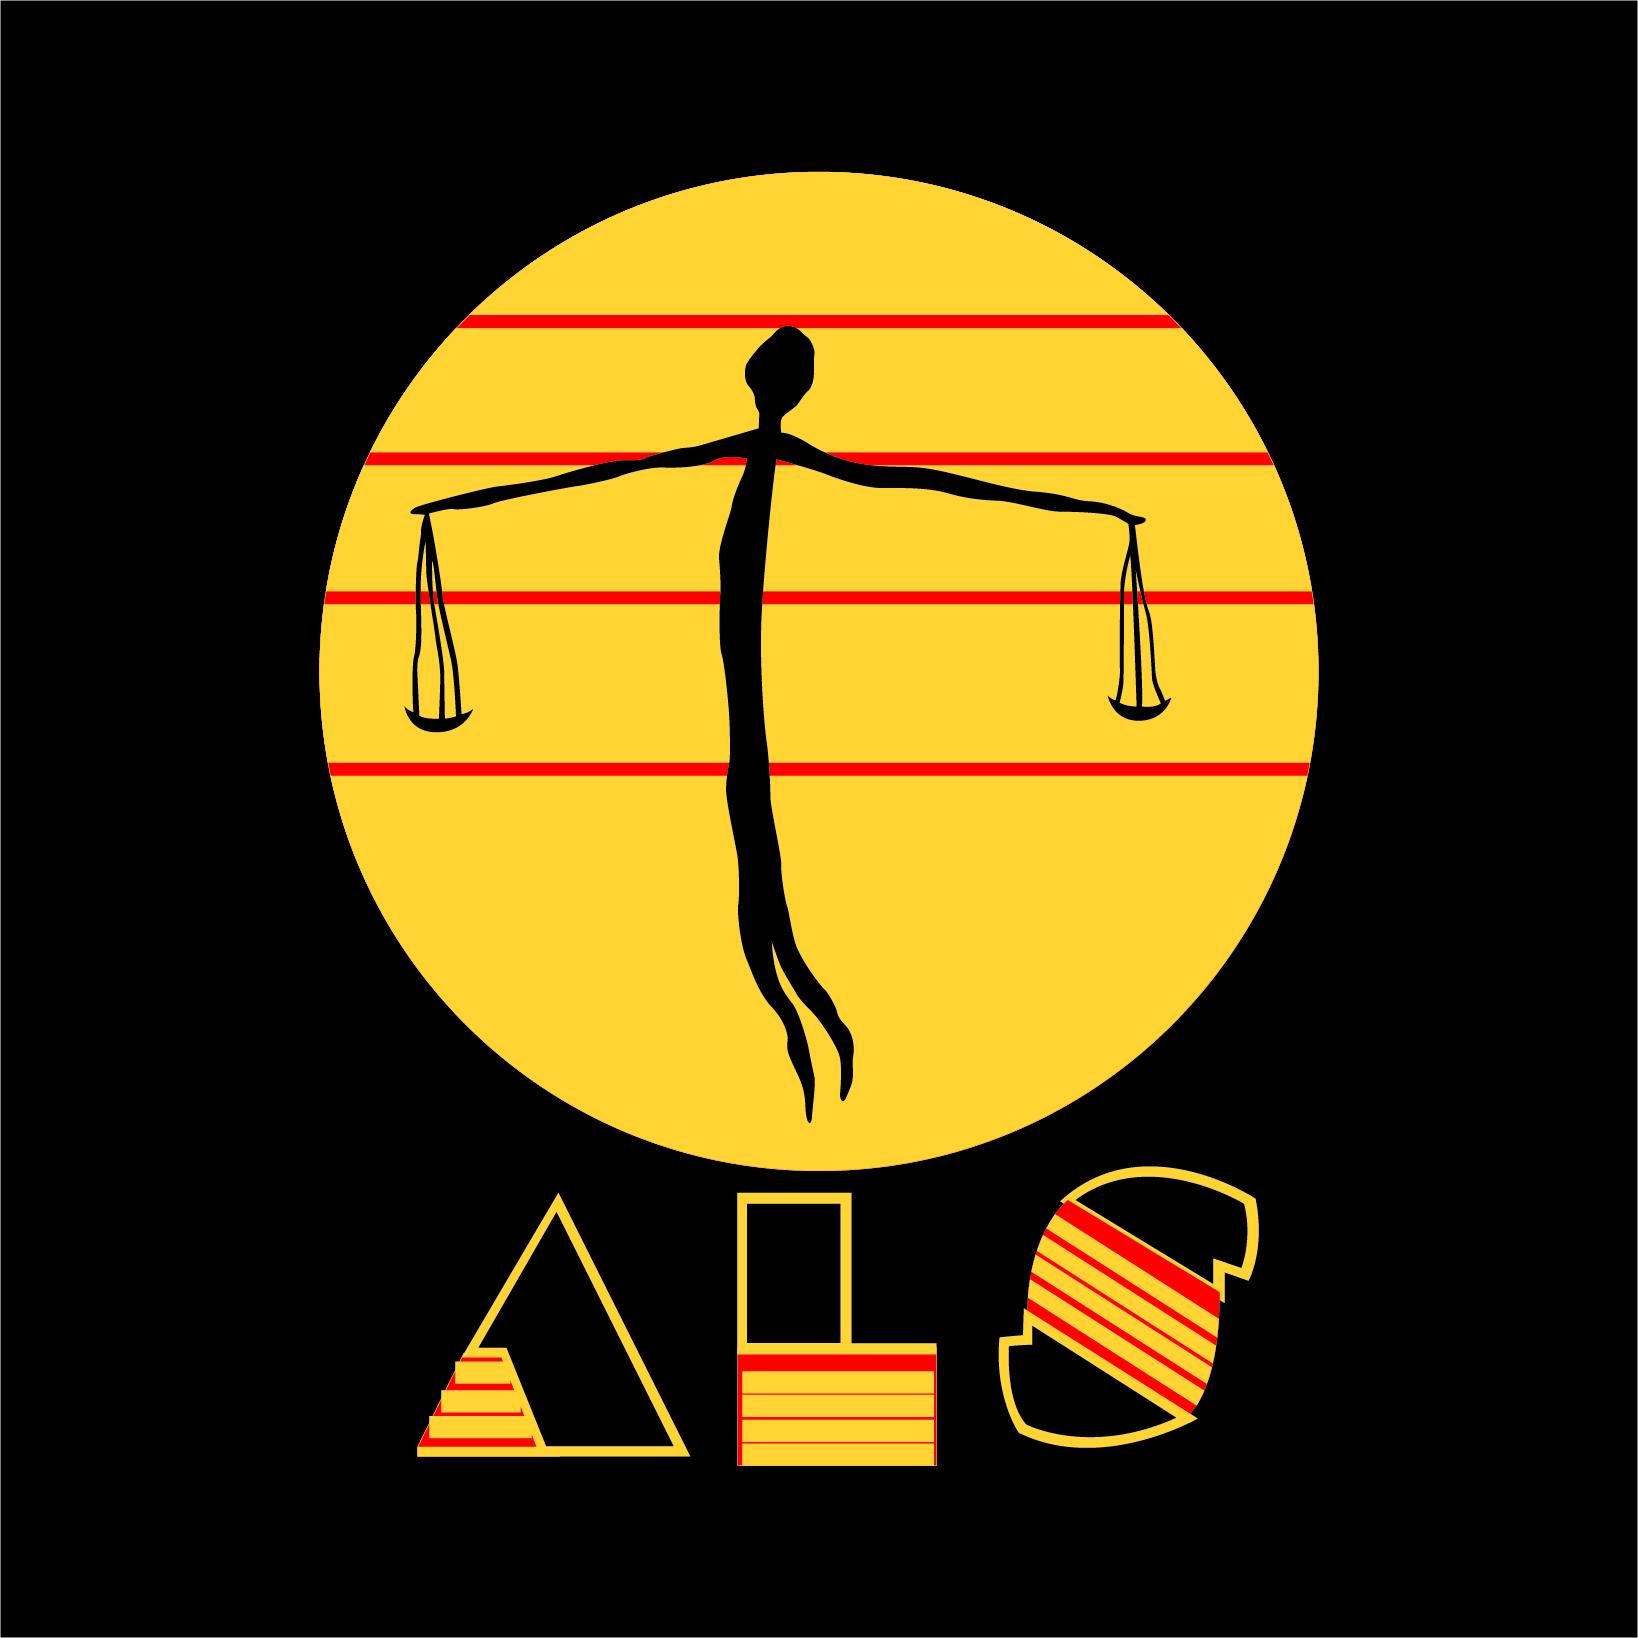 Aboriginal Legal Service of WA